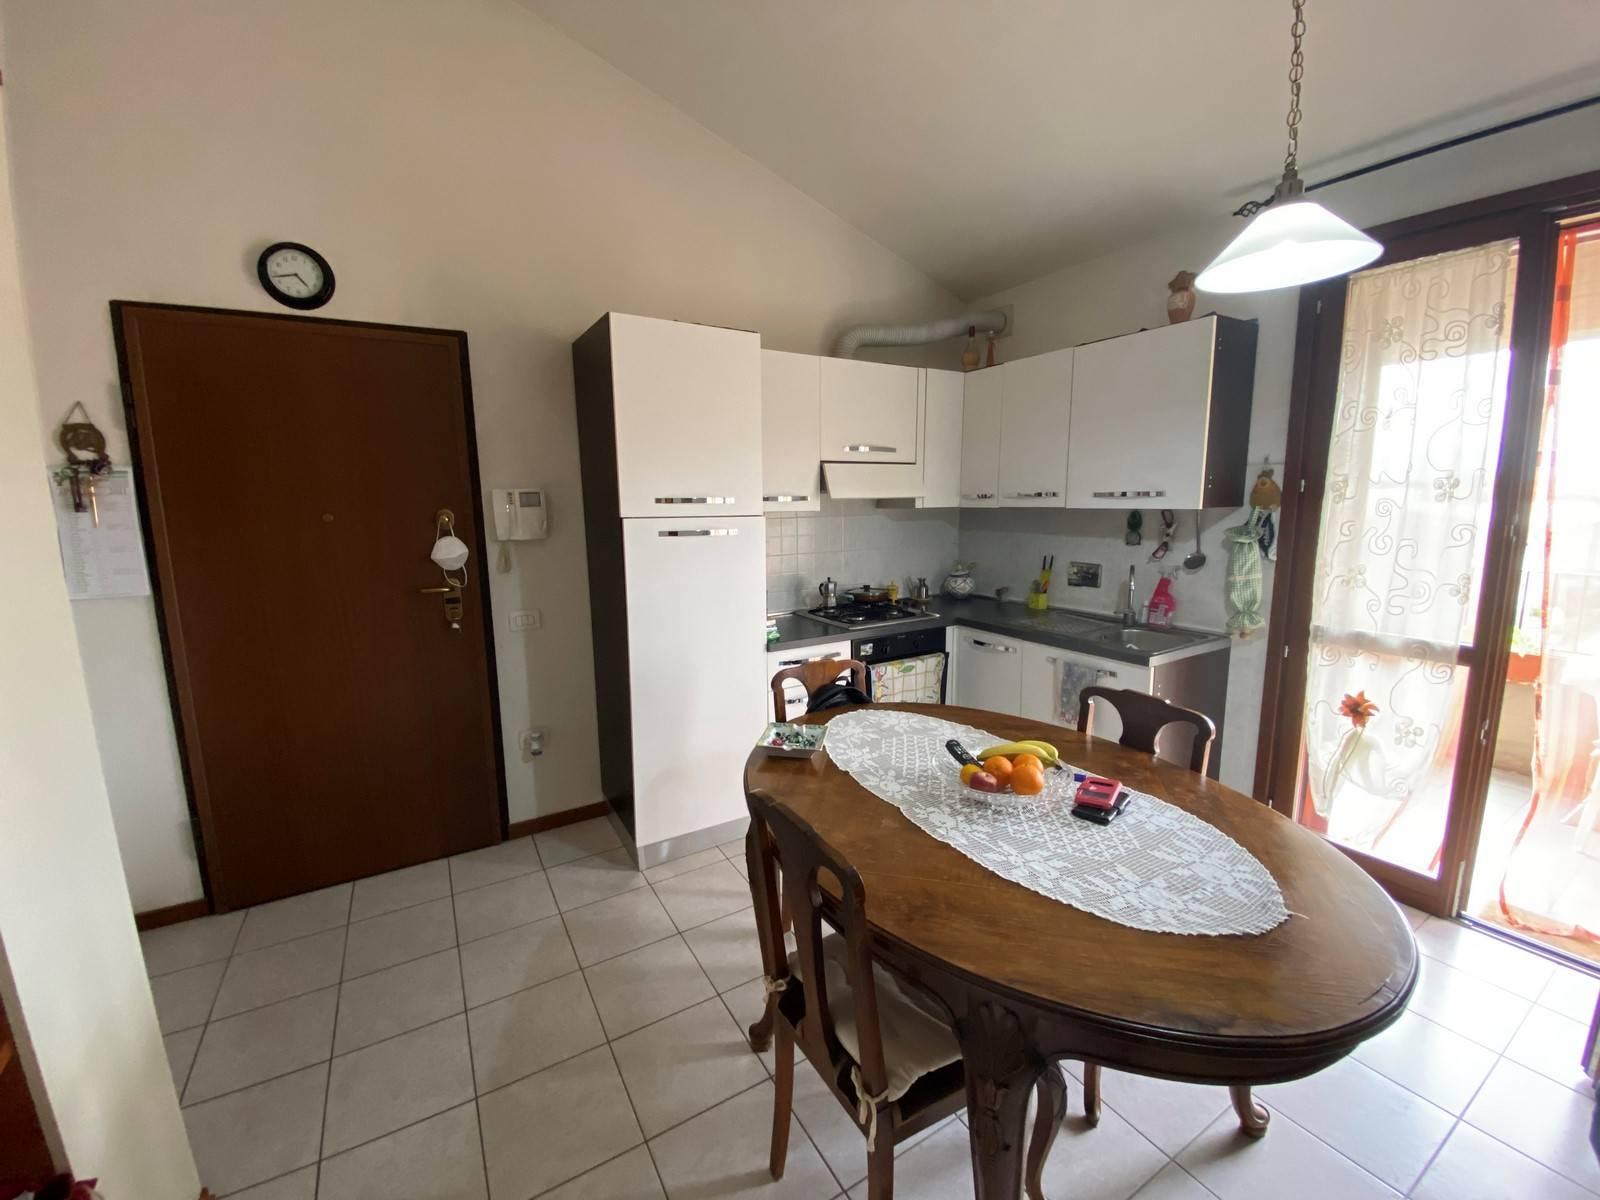 Appartamento in vendita a Montemurlo, 3 locali, prezzo € 150.000   PortaleAgenzieImmobiliari.it